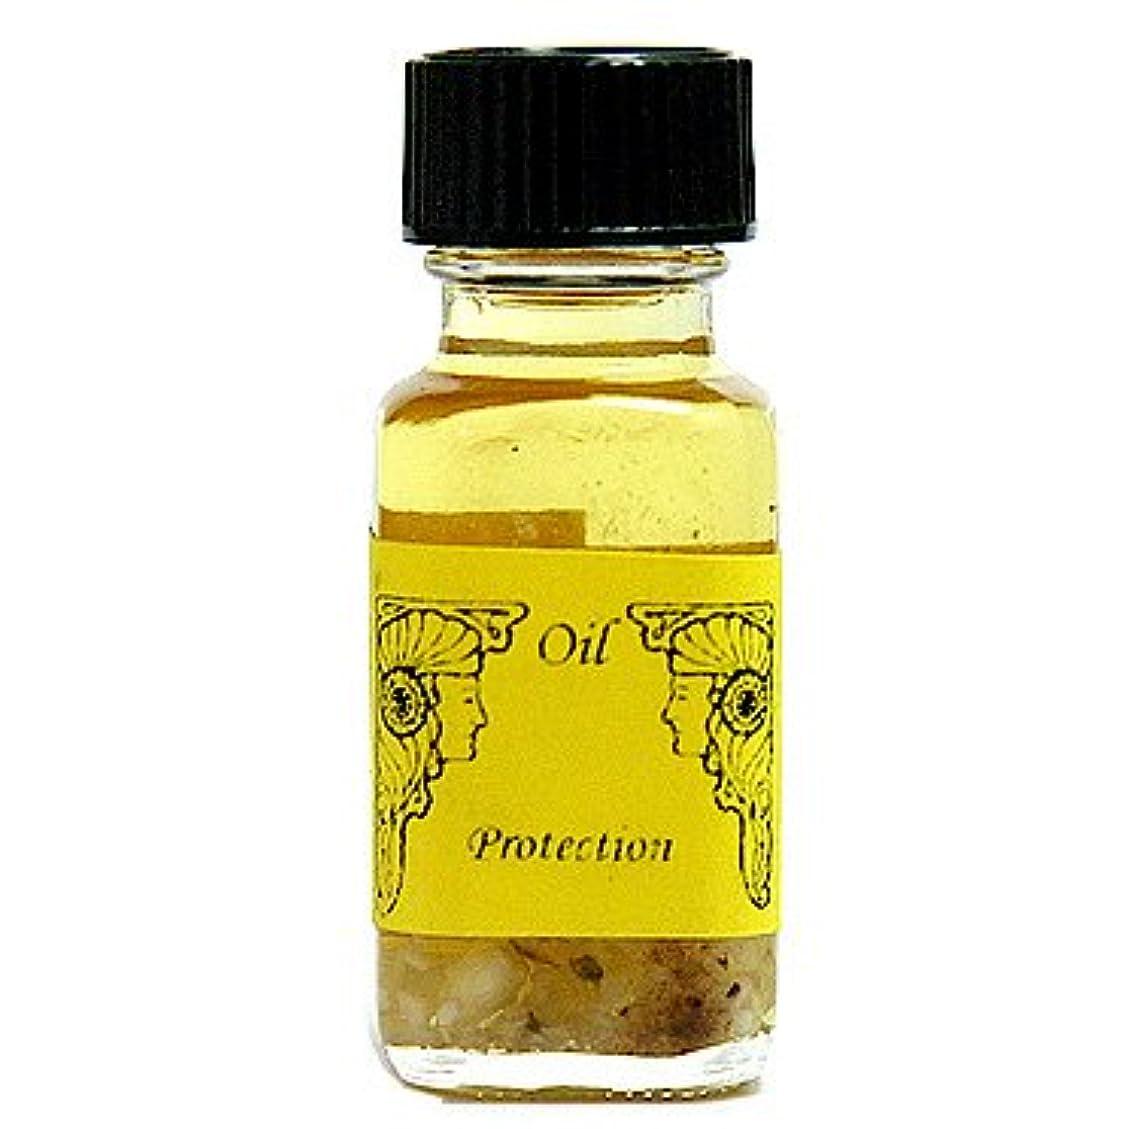 実験的カロリー必要ないアンシェントメモリーオイル プロテクション (守護?厄よけ) 15ml (Ancient Memory Oils)